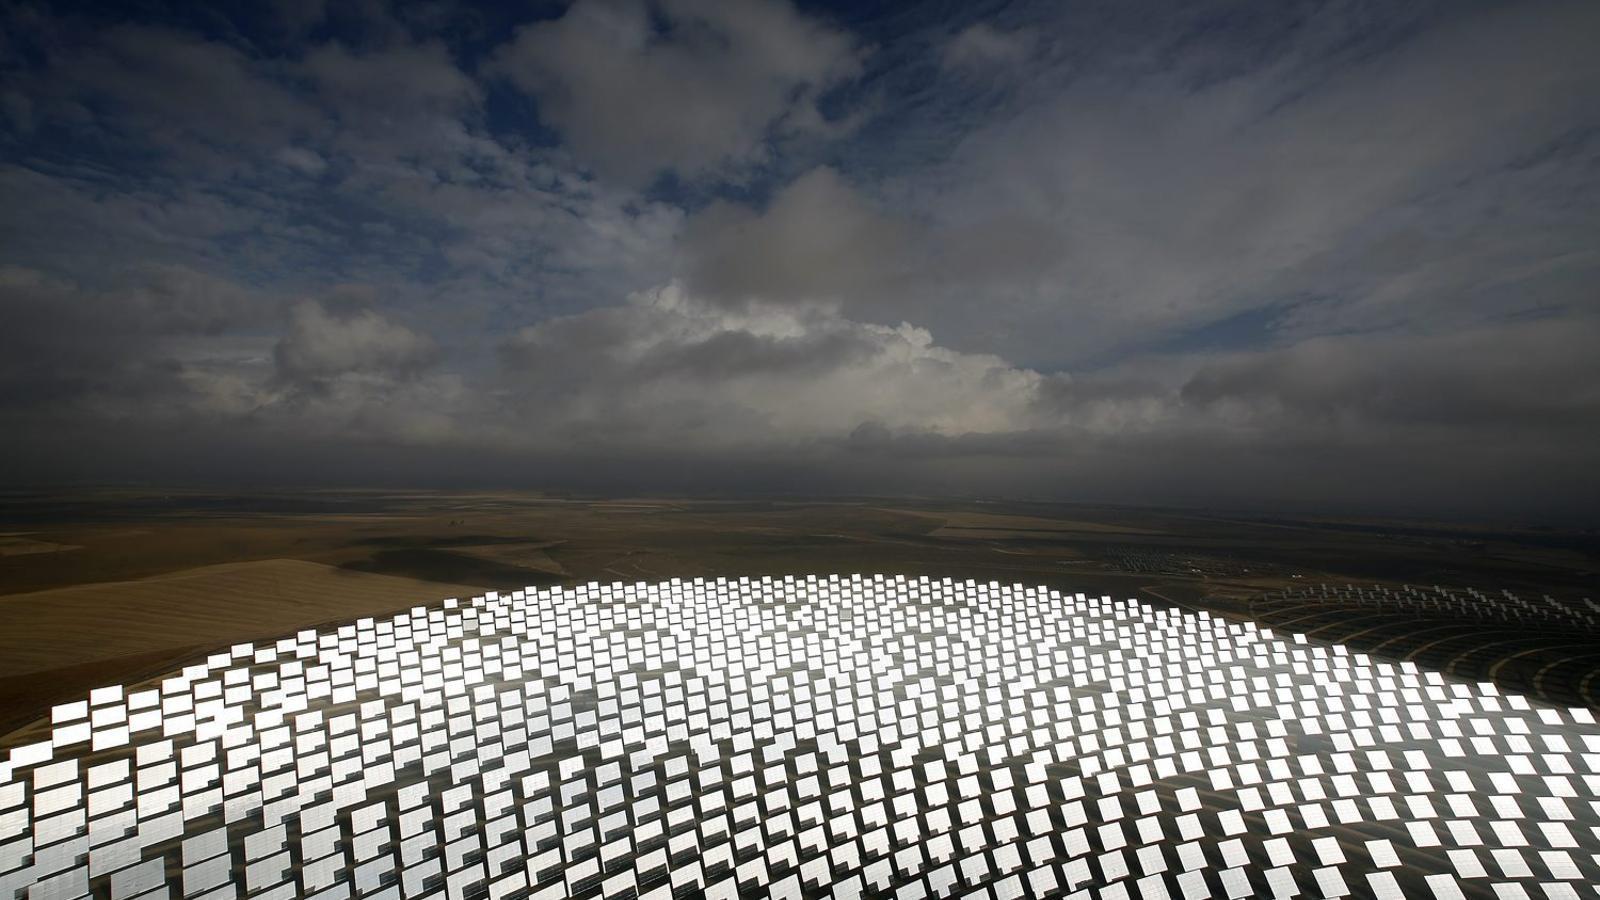 La decisió del Tribunal Suprem sobre la retallada a les energies renovables -a la imatges, planta solar prop de Sevilla, en una imatge de 2009- no afecta el que pugui decidir finalment l'organisme d'arbitratge del Banc Mundial.